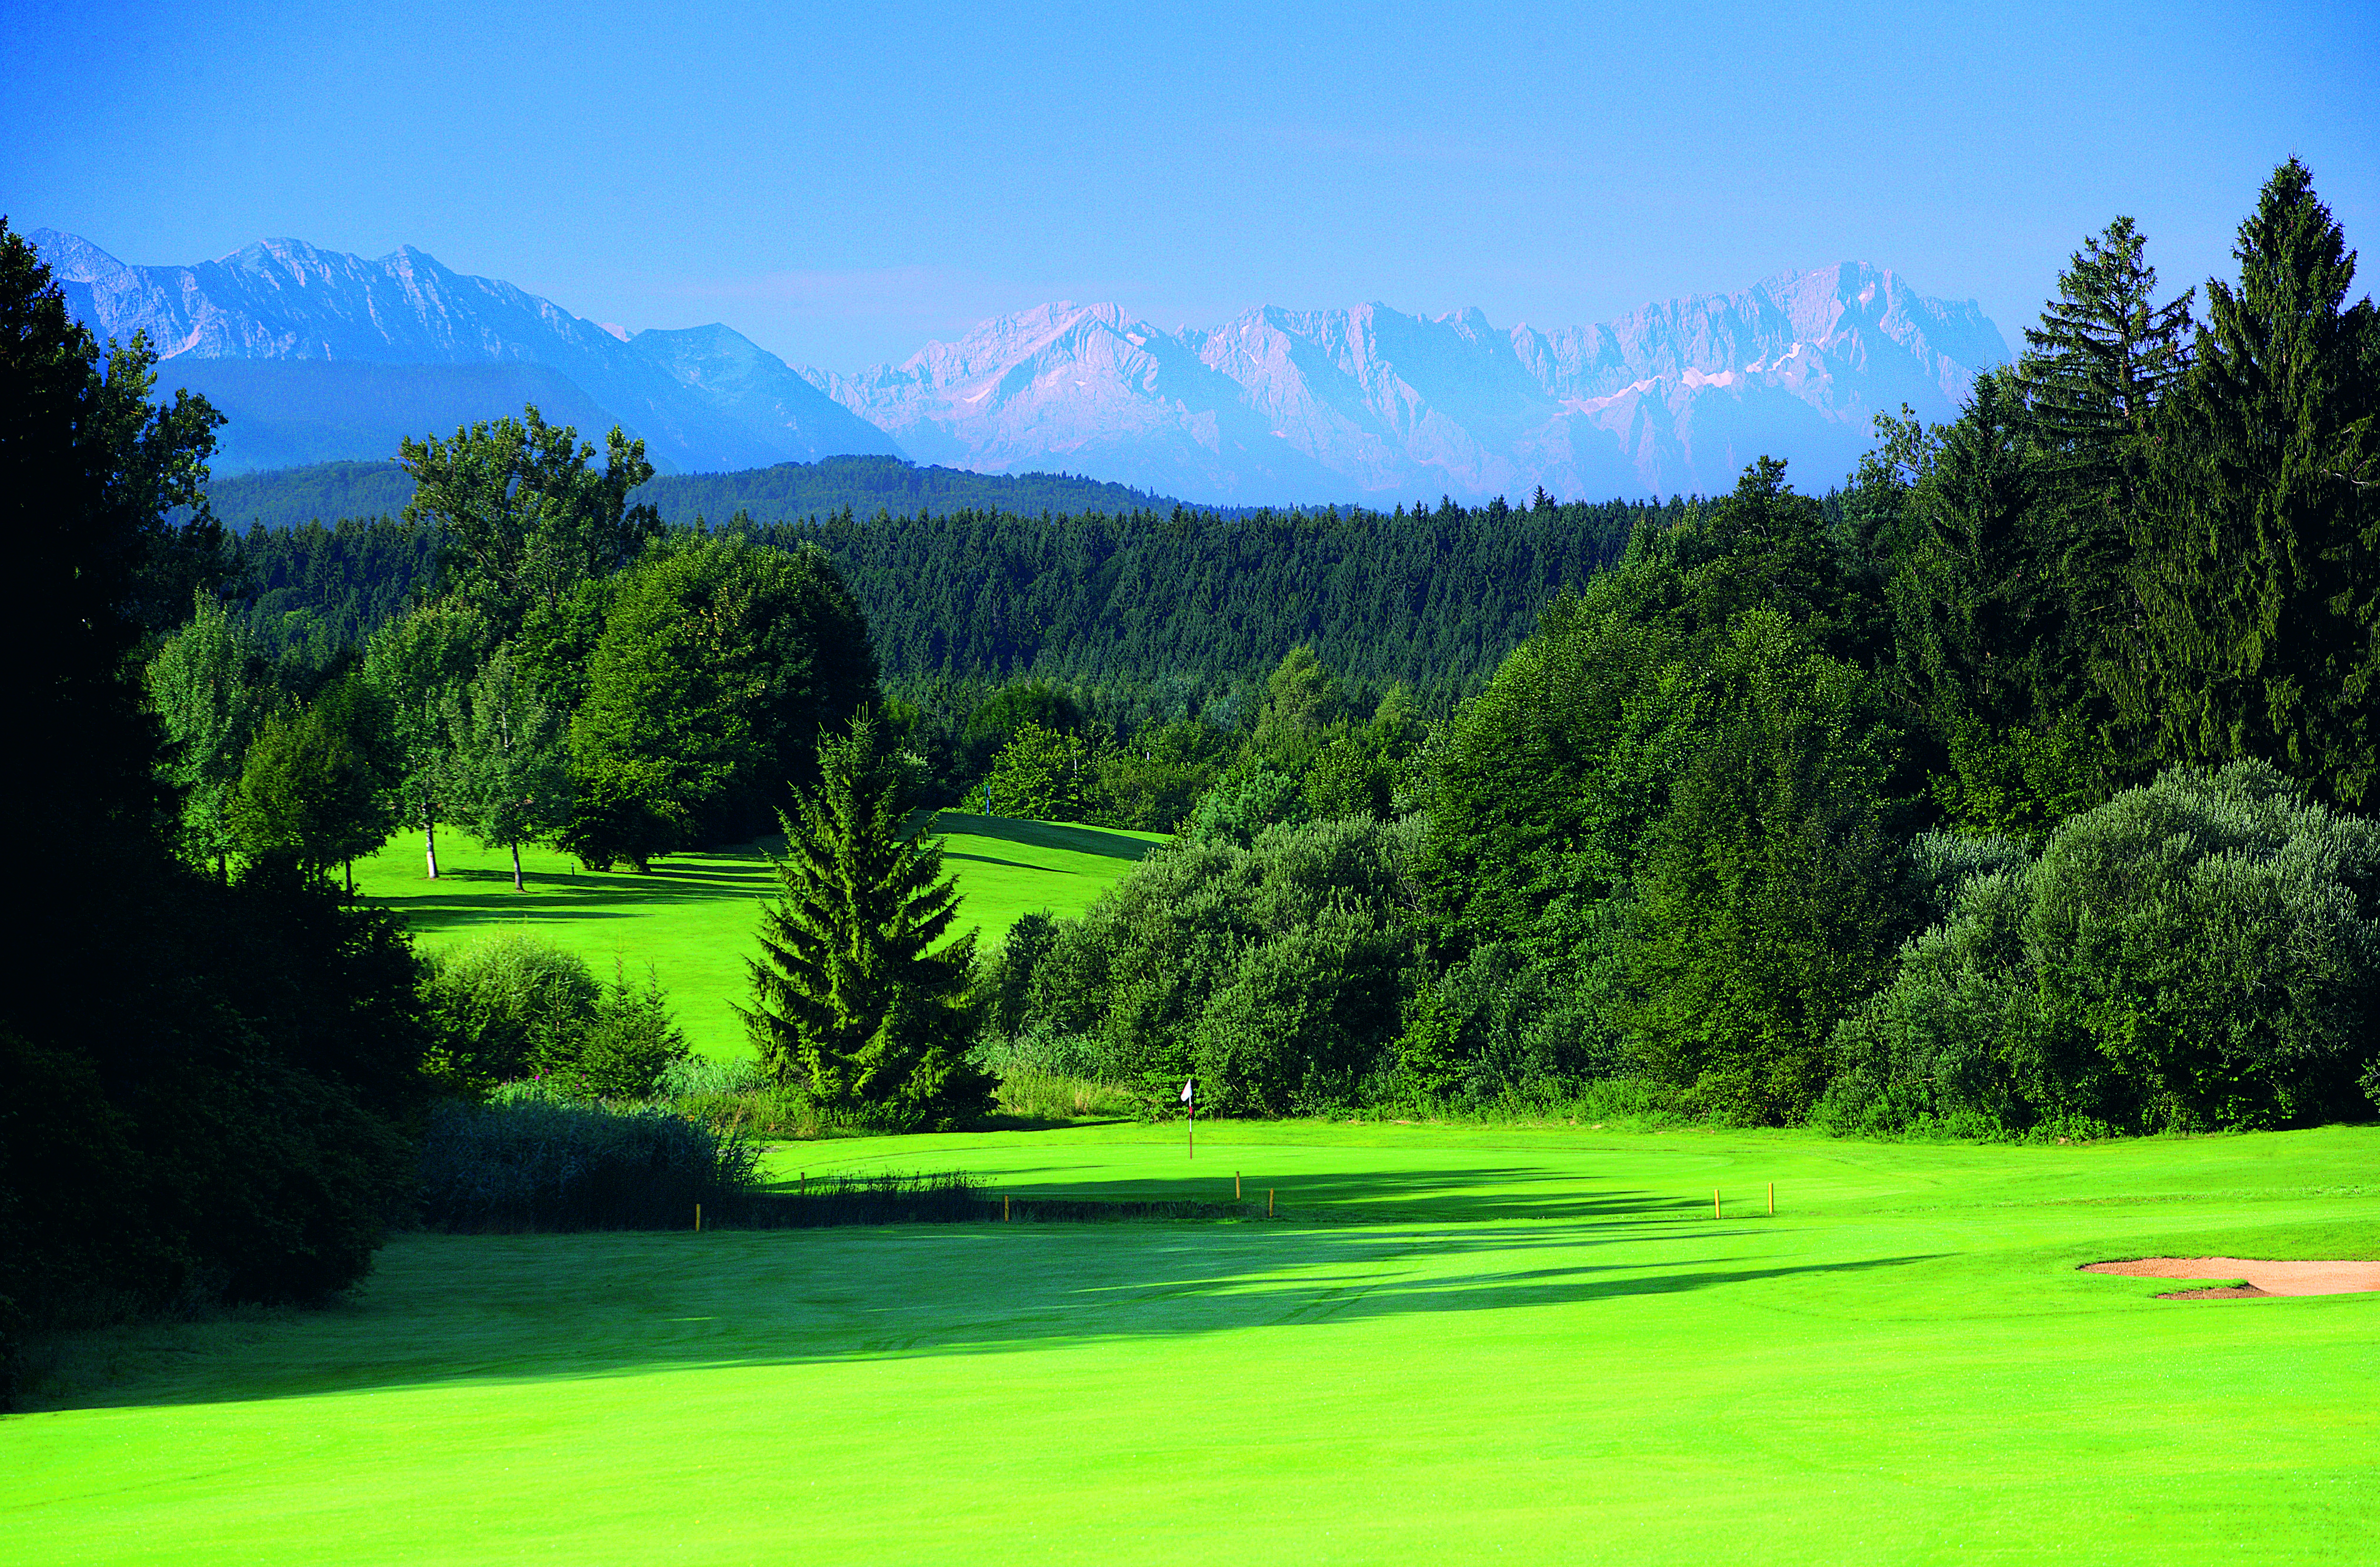 Bei der Golf Post Weihnachtstombola könnt Ihr Euch die Feiertage noch etwas versüßen. Wir verlosen unter anderem Greenfee-Gutscheine für den Golfplatz Iffeldorf.